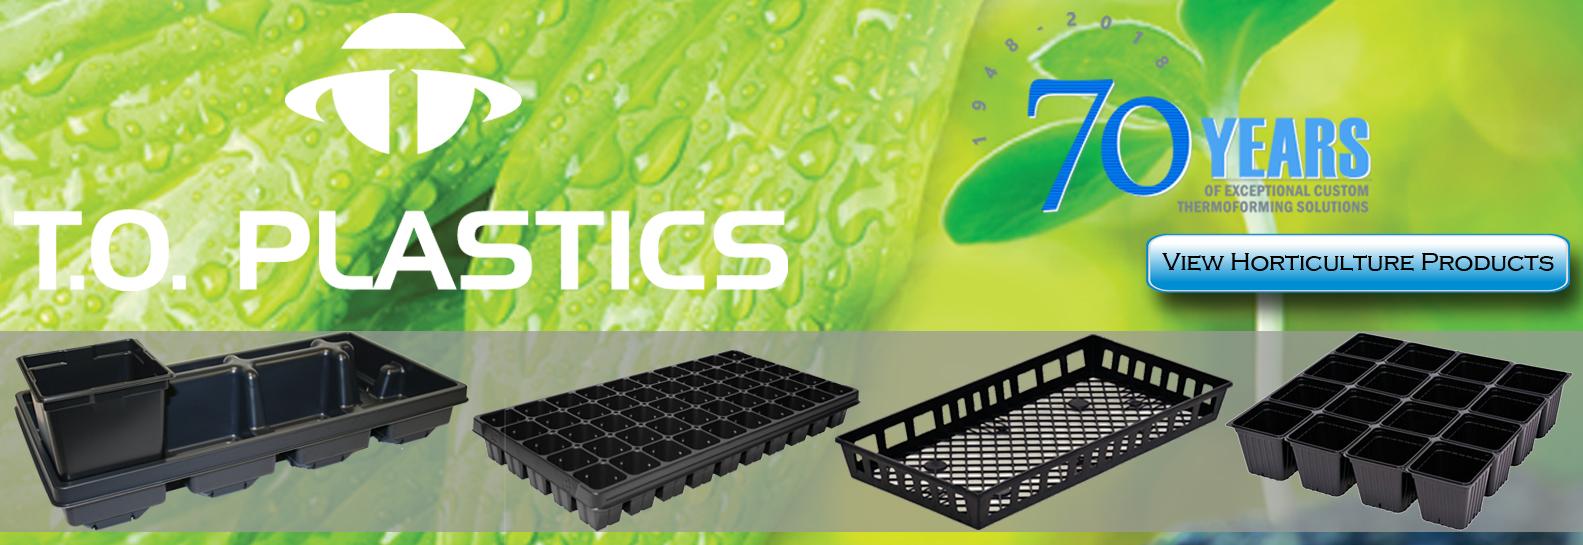 T.O. Plastics